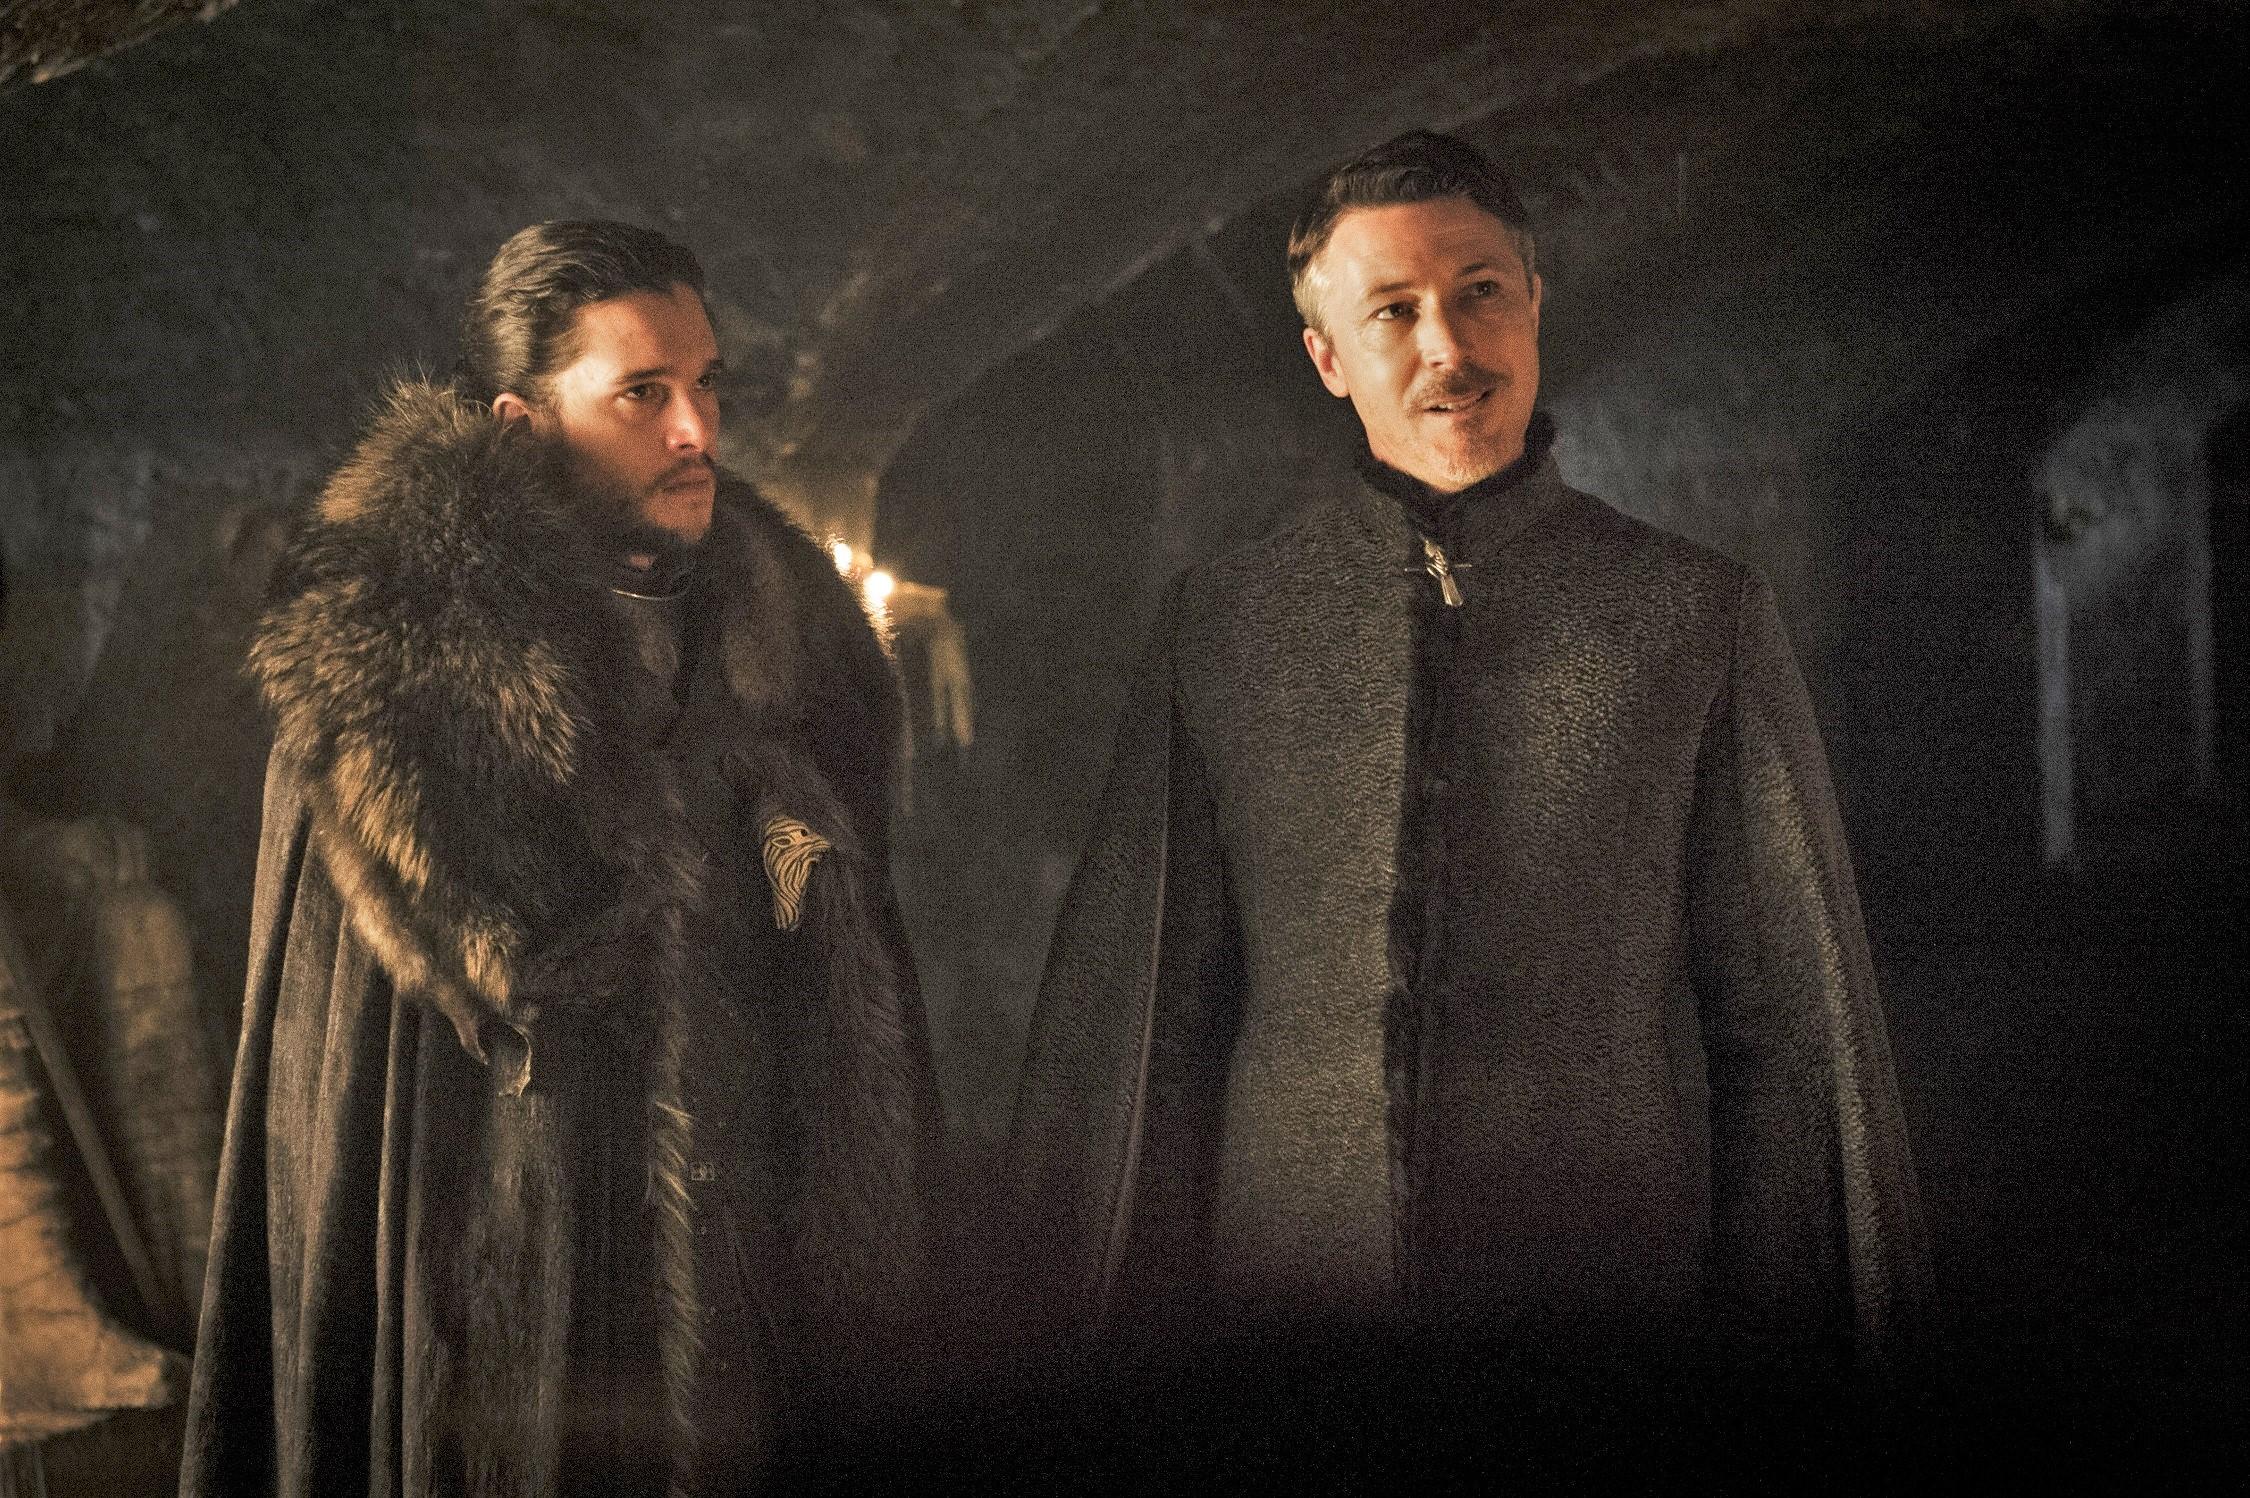 702 - Winterfell - Jon, Littlefinger 1